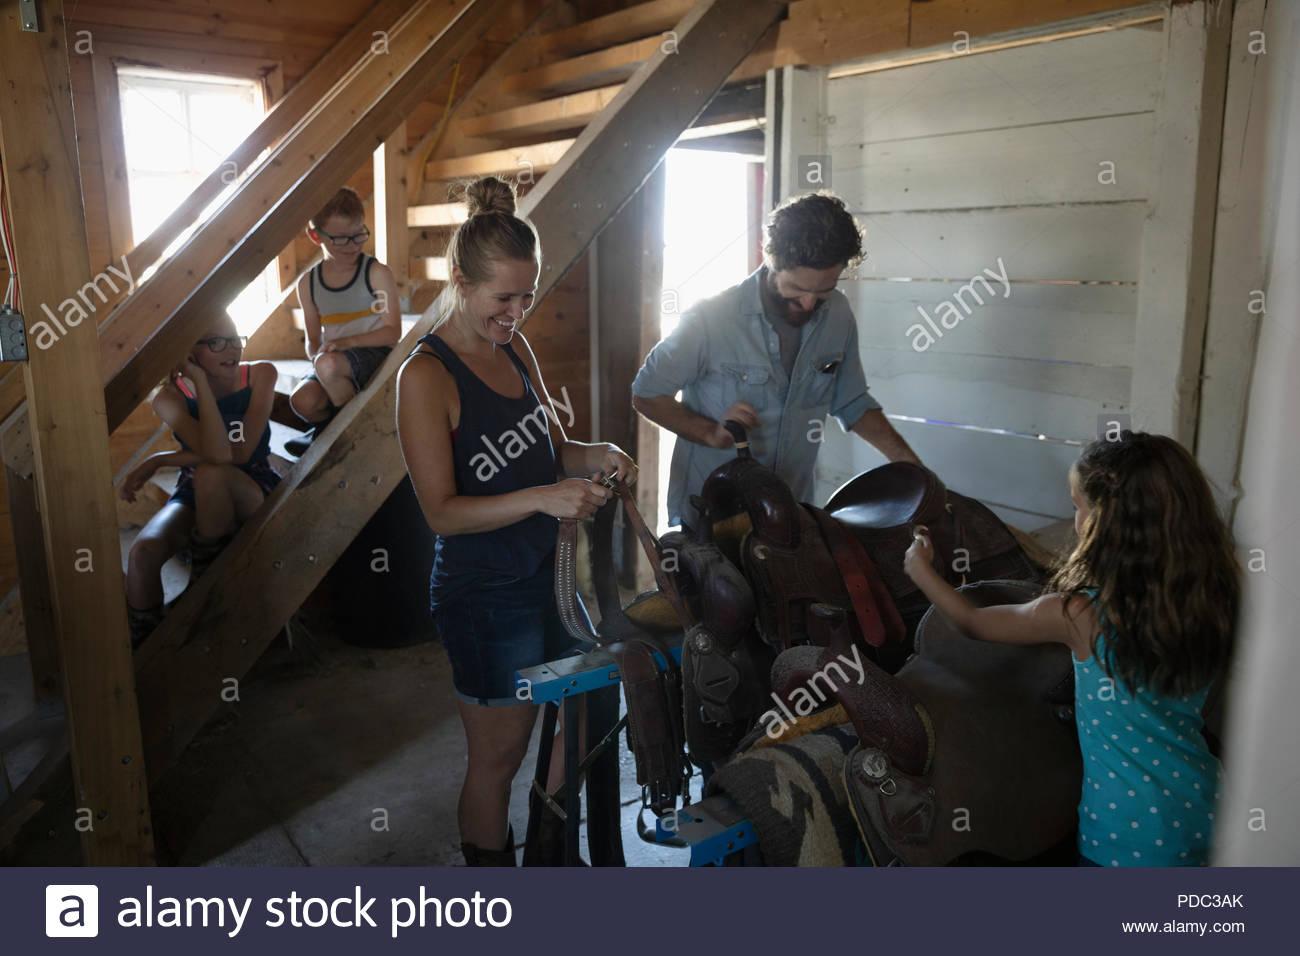 Family preparing saddles in barn - Stock Image